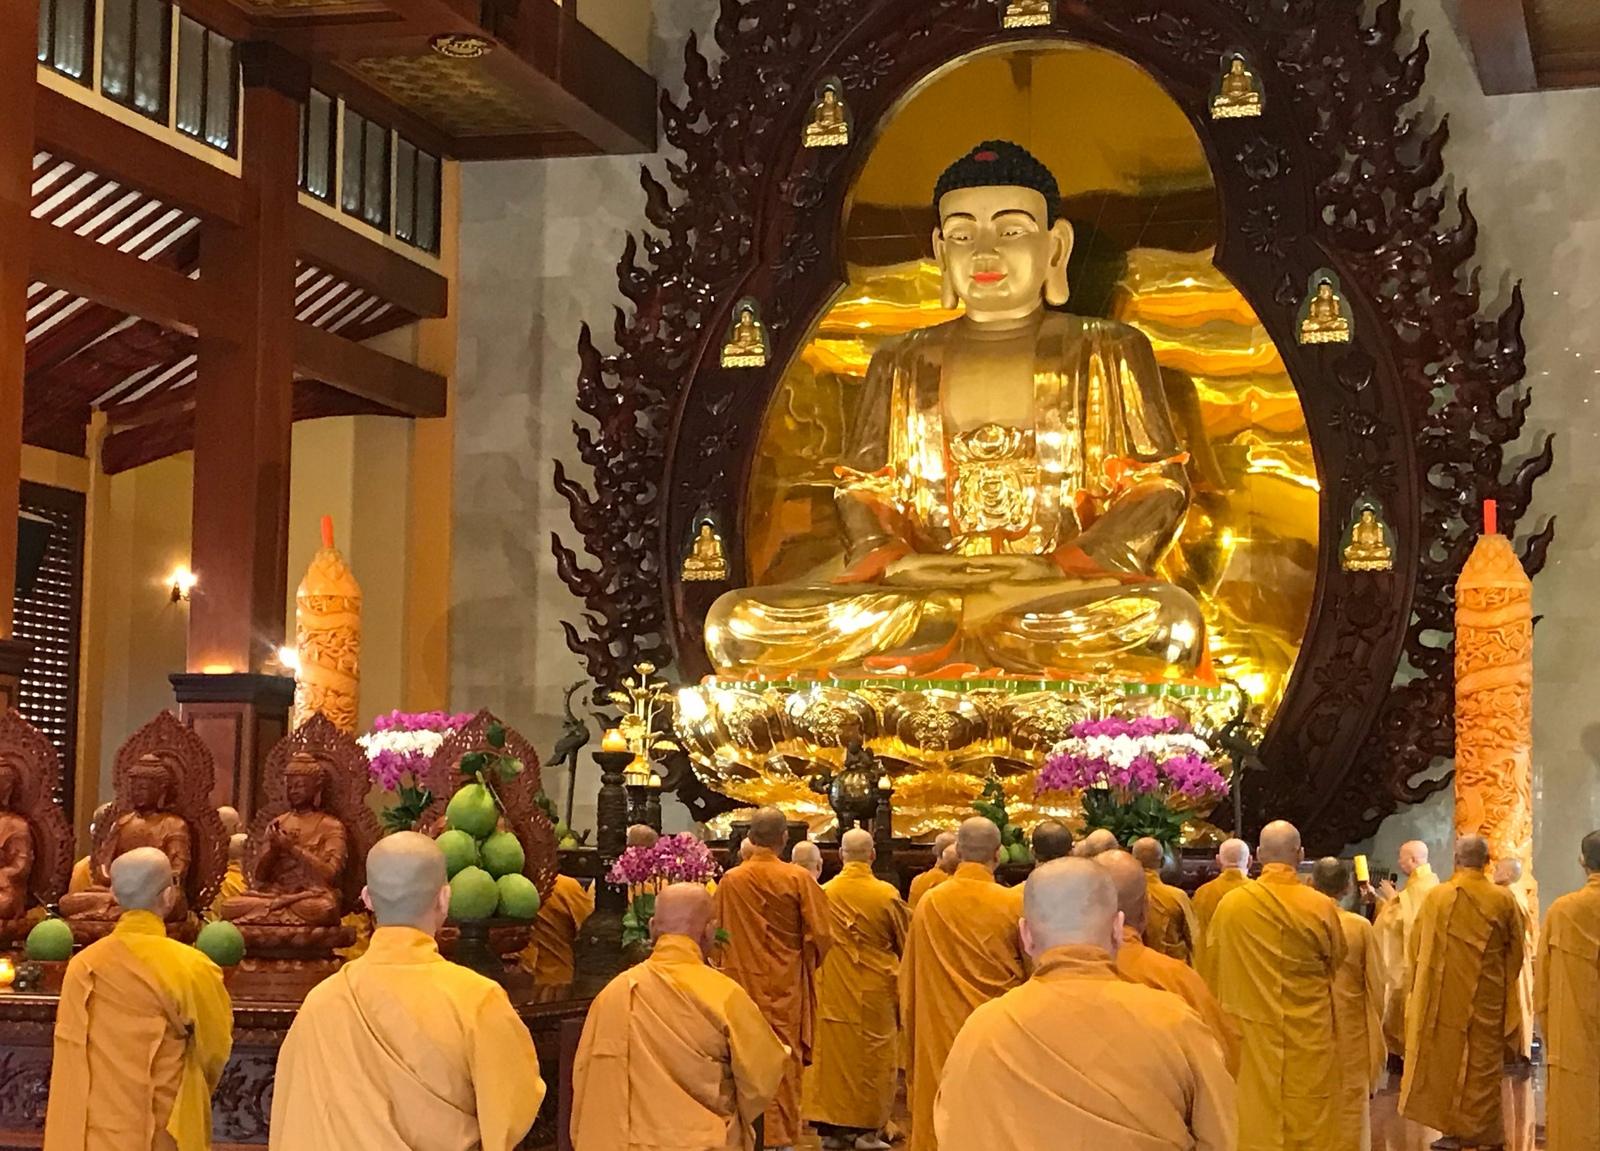 Tượng Đức Phật trong chùa đang được các thiền sư thờ cúng